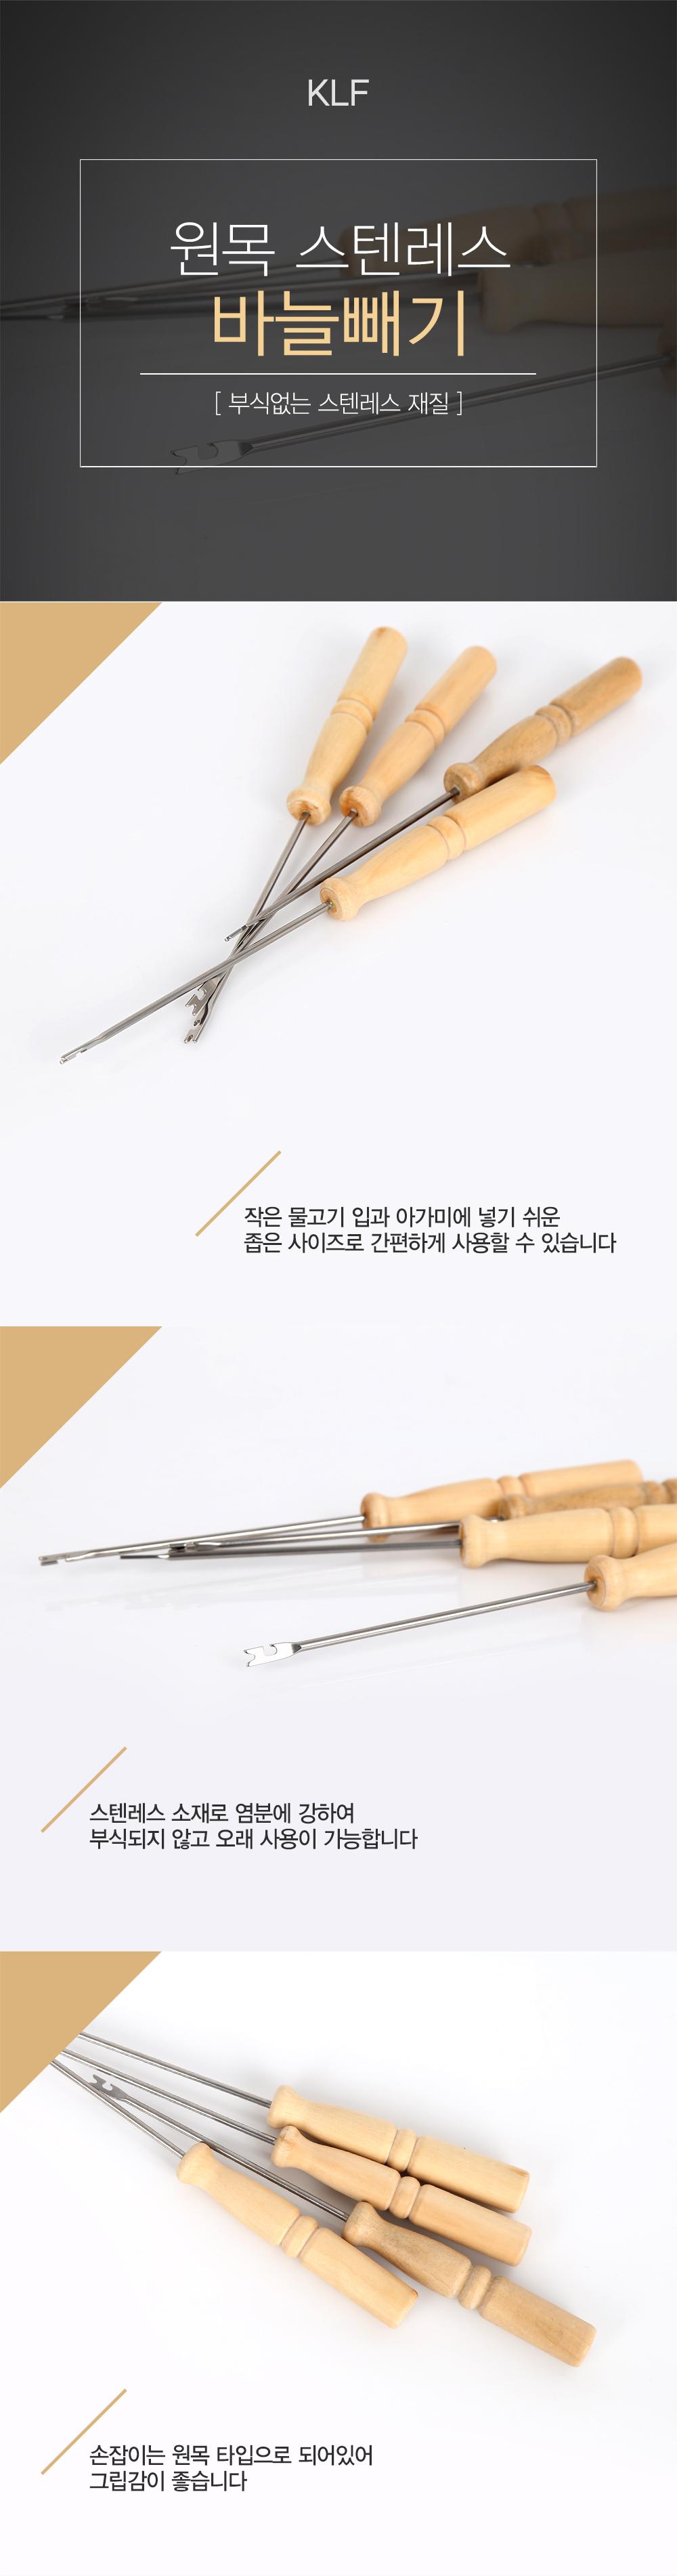 KLF 원목 스텐레스 바늘빼기 훅리무버 일자바늘빼기